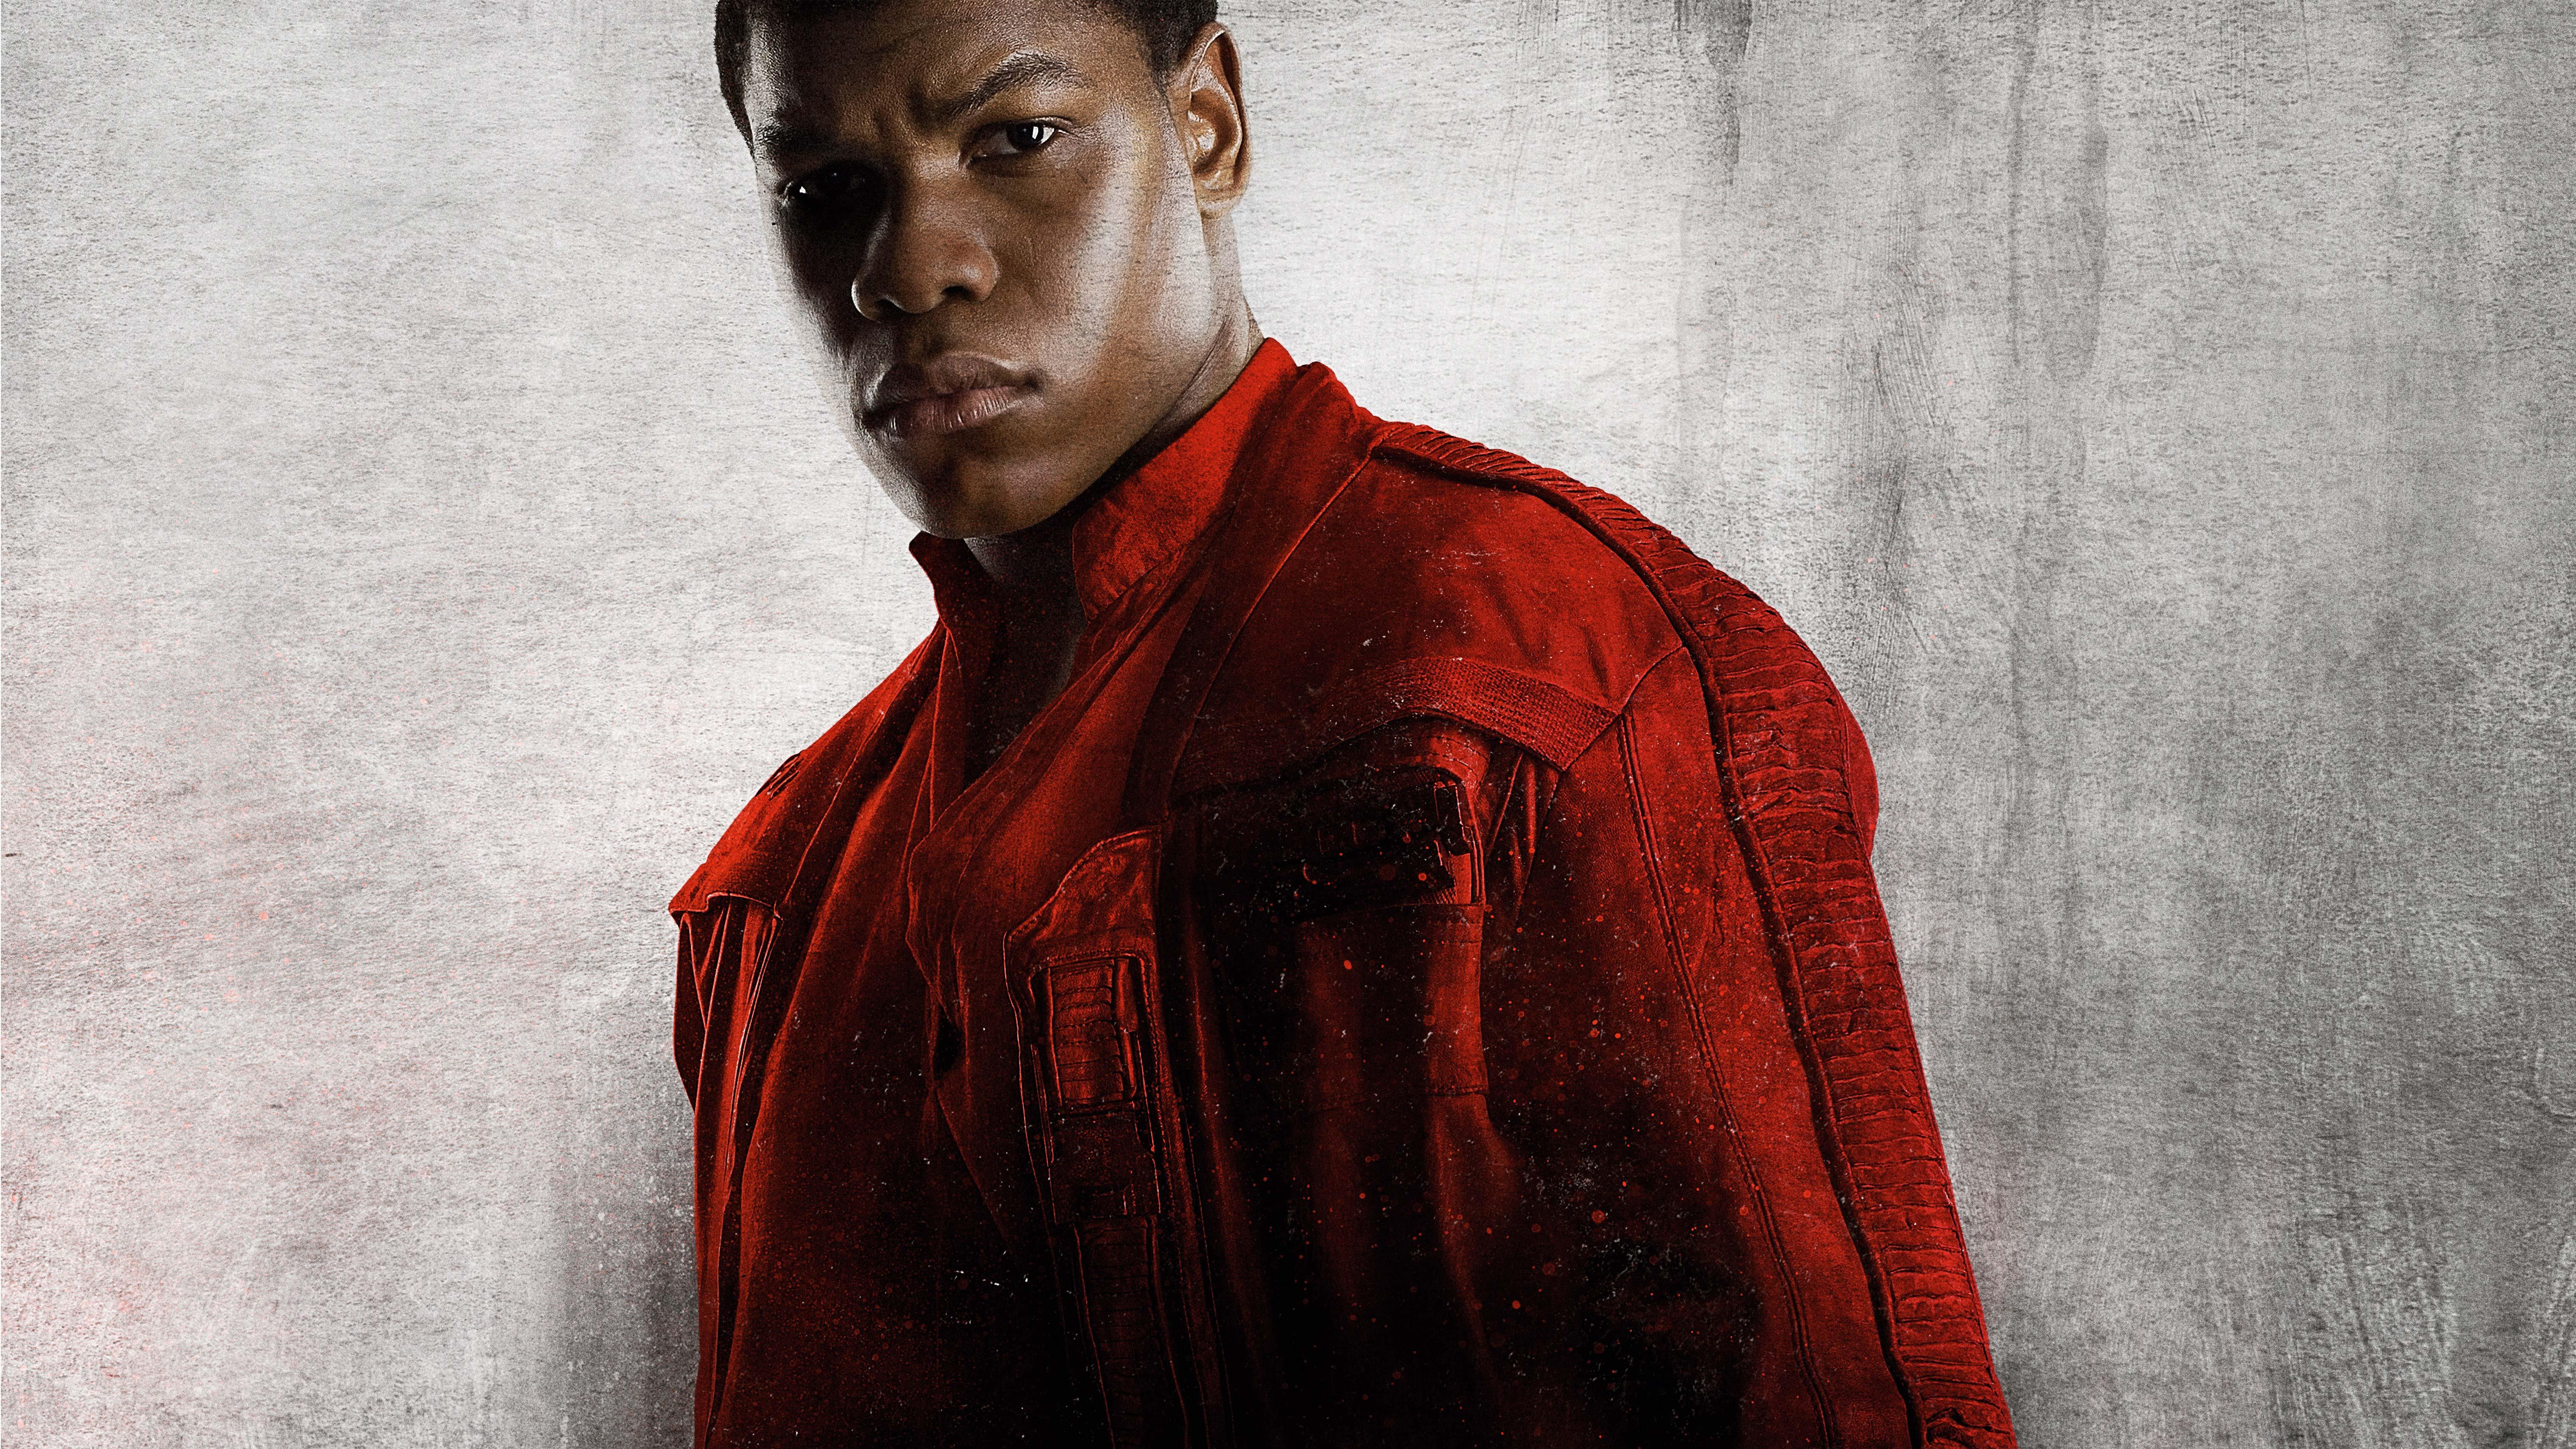 Finn Star Wars The Last Jedi Hd Movies 4k Wallpapers Images